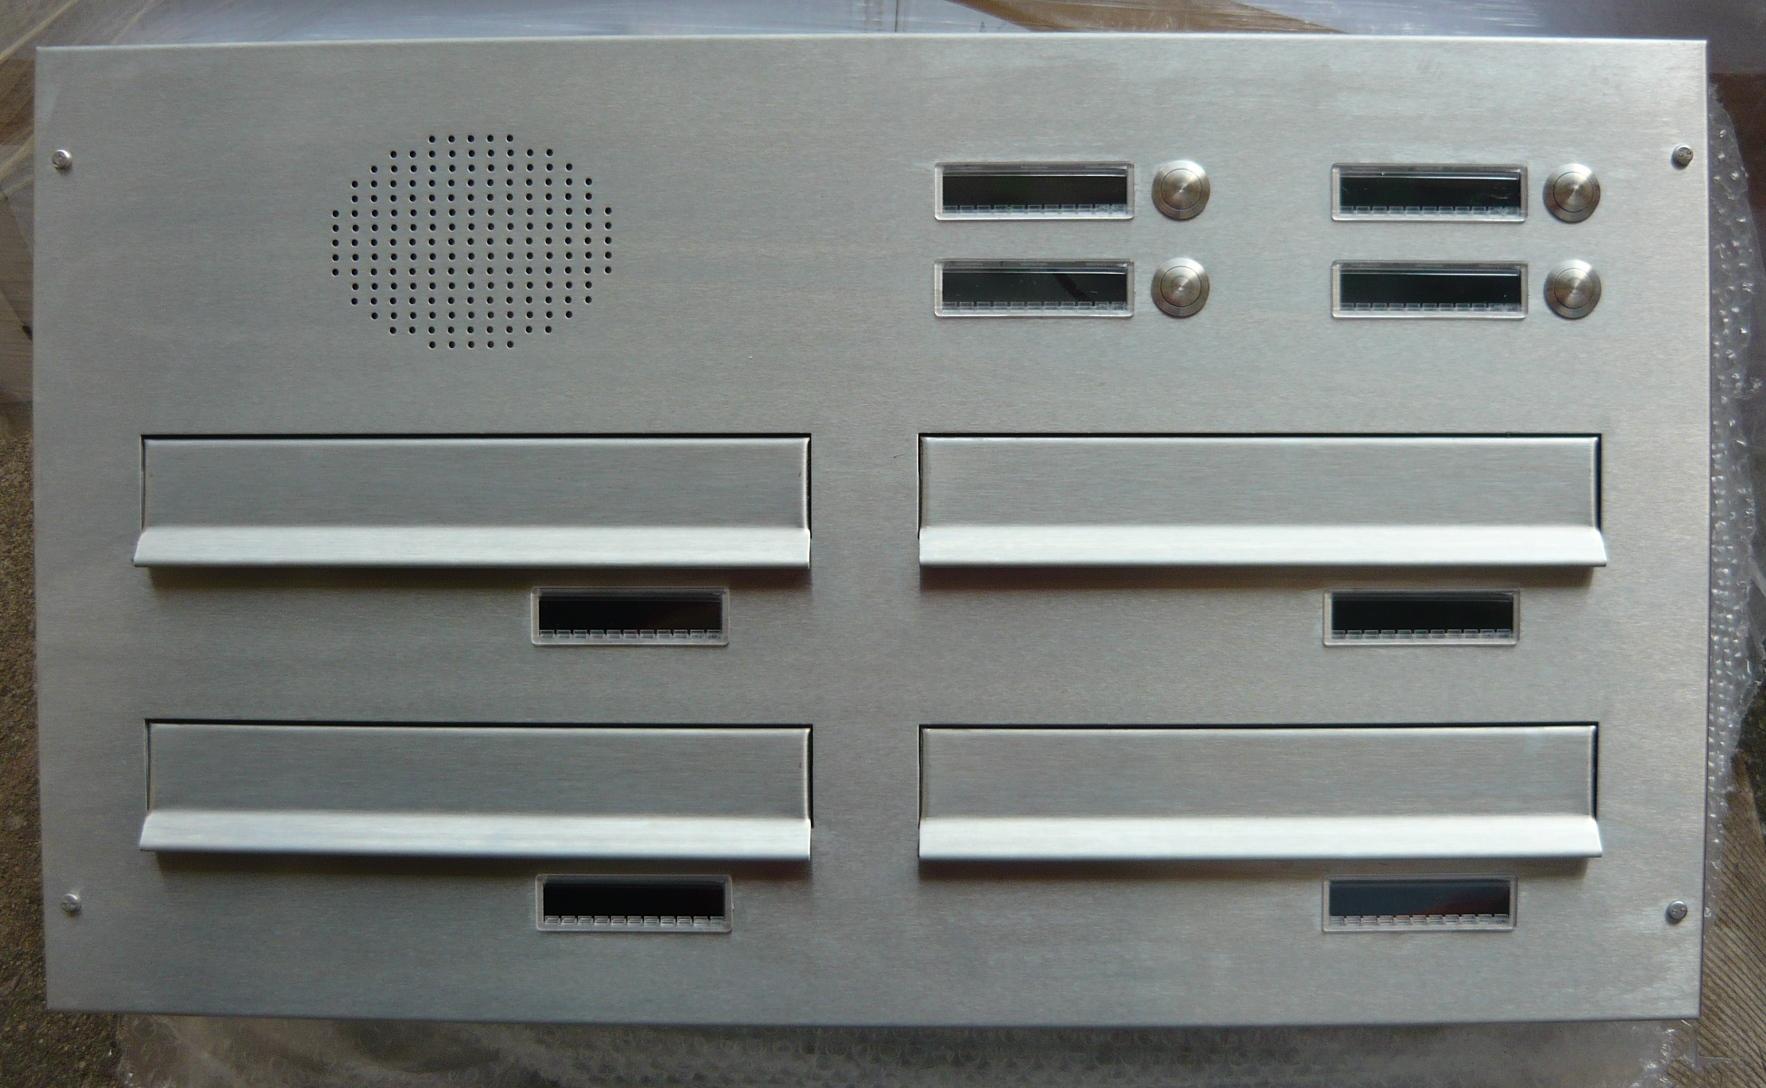 poštovní schránka 4 x D041 nebo D042 NEREZ ELEKTRO - šikmá - regulace hloubky 230-480 provedení sestavy: 4 x D041 NEREZ + ELEKTRO(regulace 230-380)